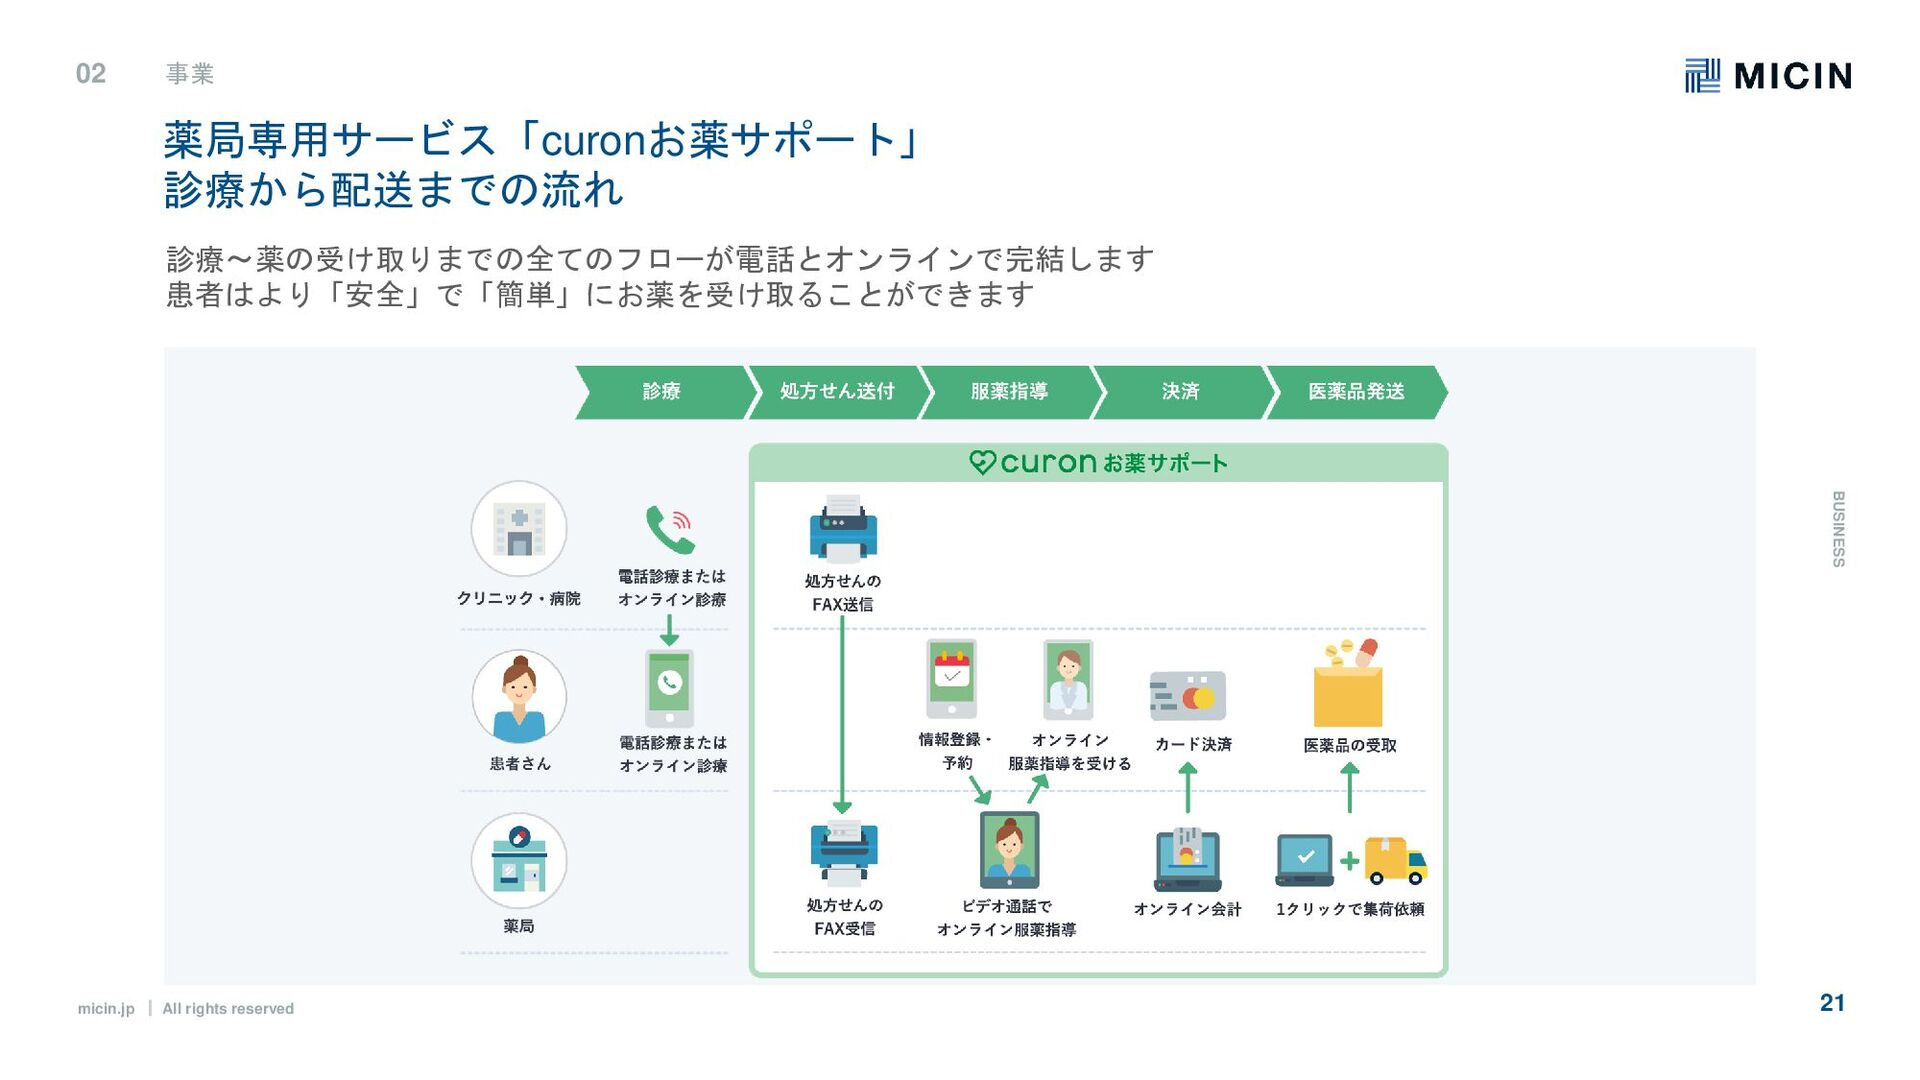 micin.jp ʛ All rights reserved 21 02 ۀ B U S I...